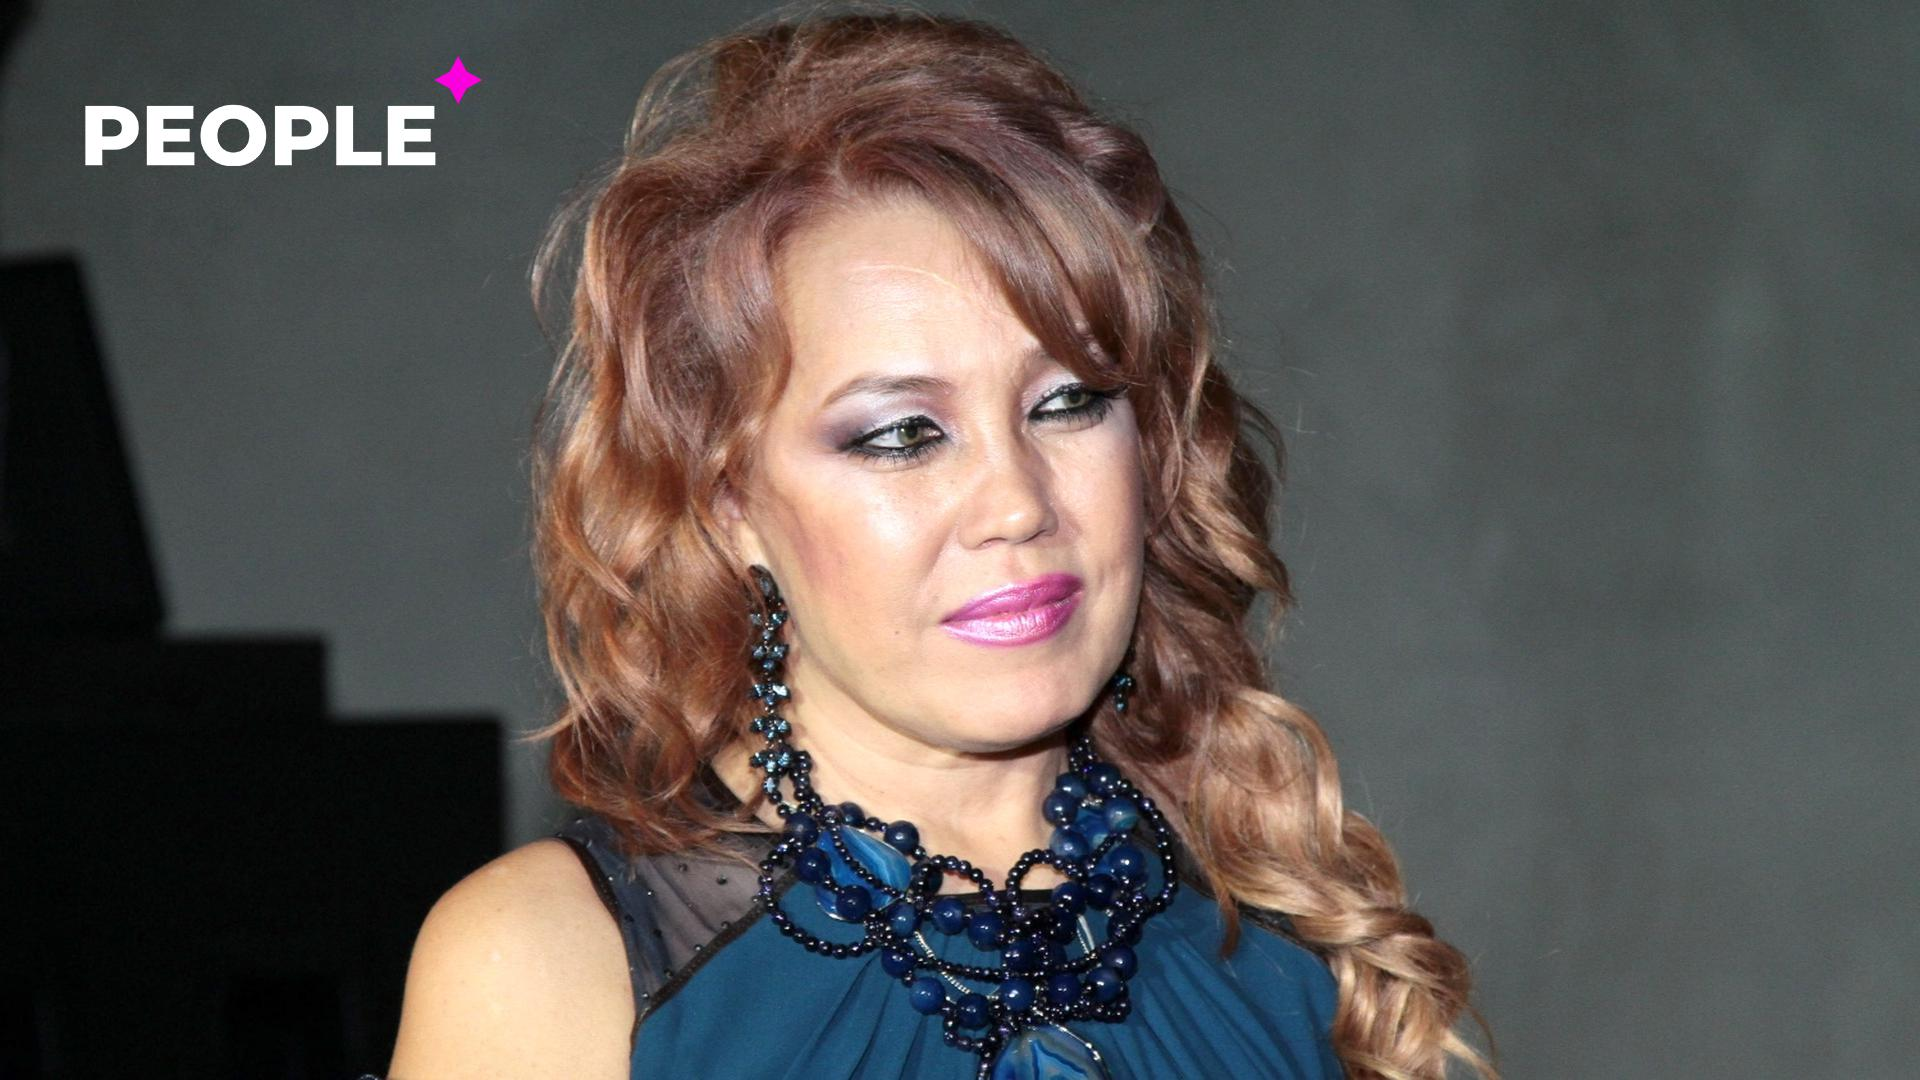 Певица Азиза оправдалась за своего мужа, который выдавал себя за другого человека